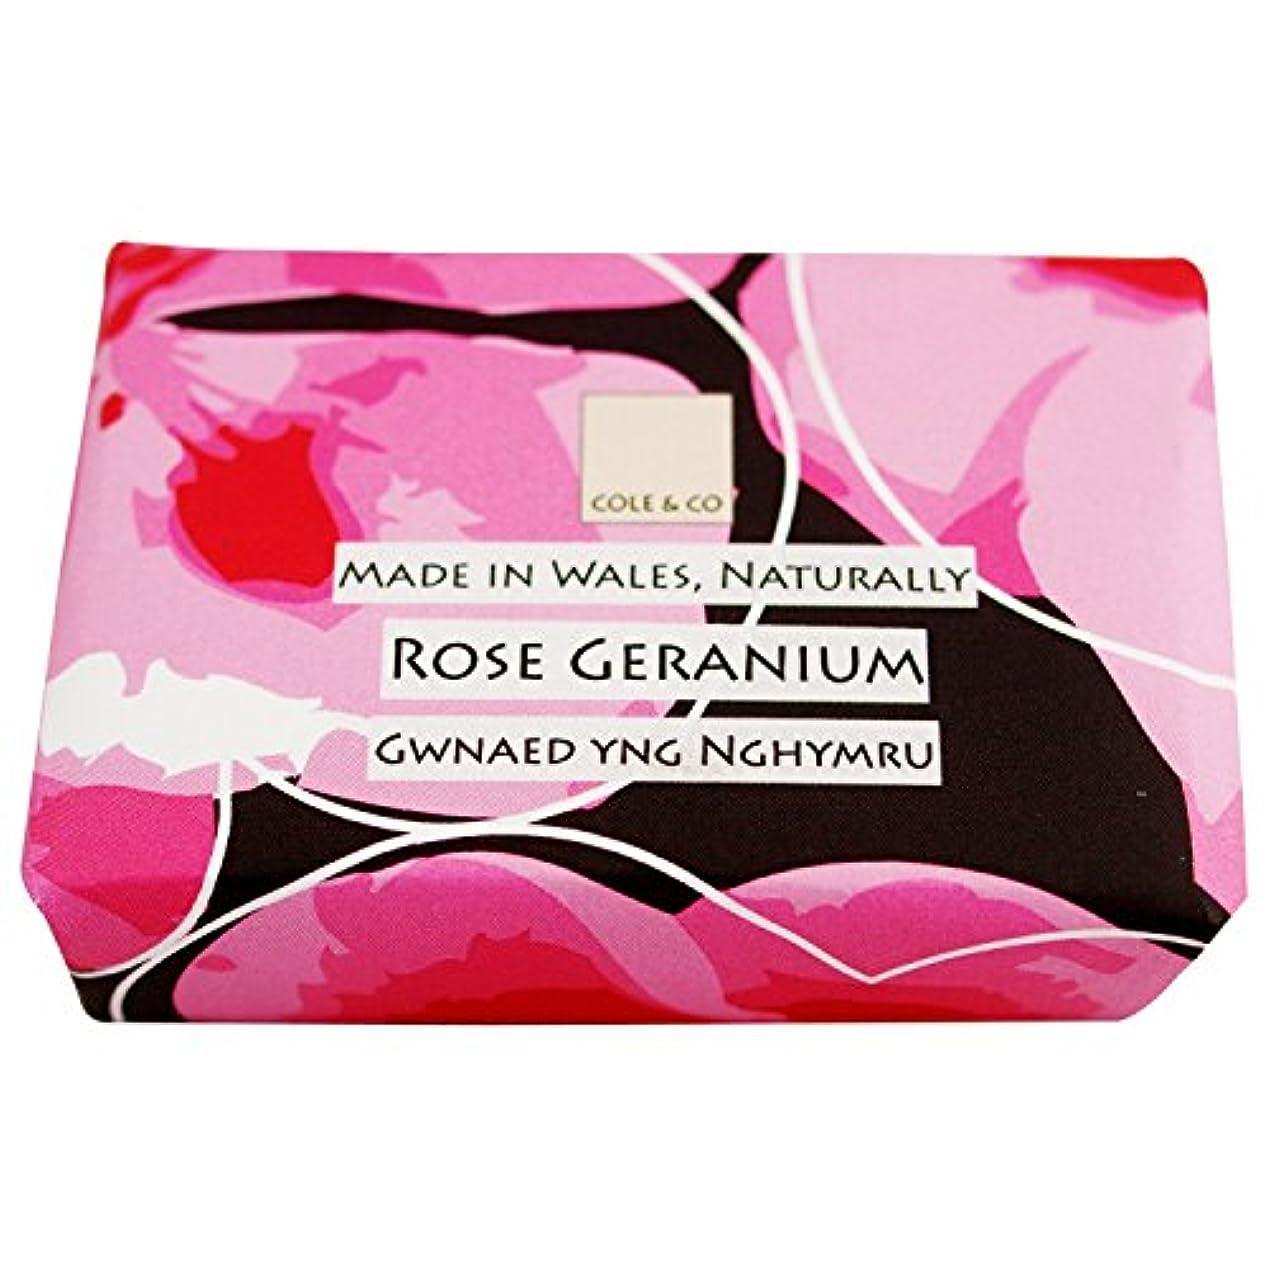 生物学フロント毒性コール&Coはゼラニウム石鹸80グラムのバラ (Cole & Co) (x2) - Cole & Co Rose Geranium Soap 80g (Pack of 2) [並行輸入品]